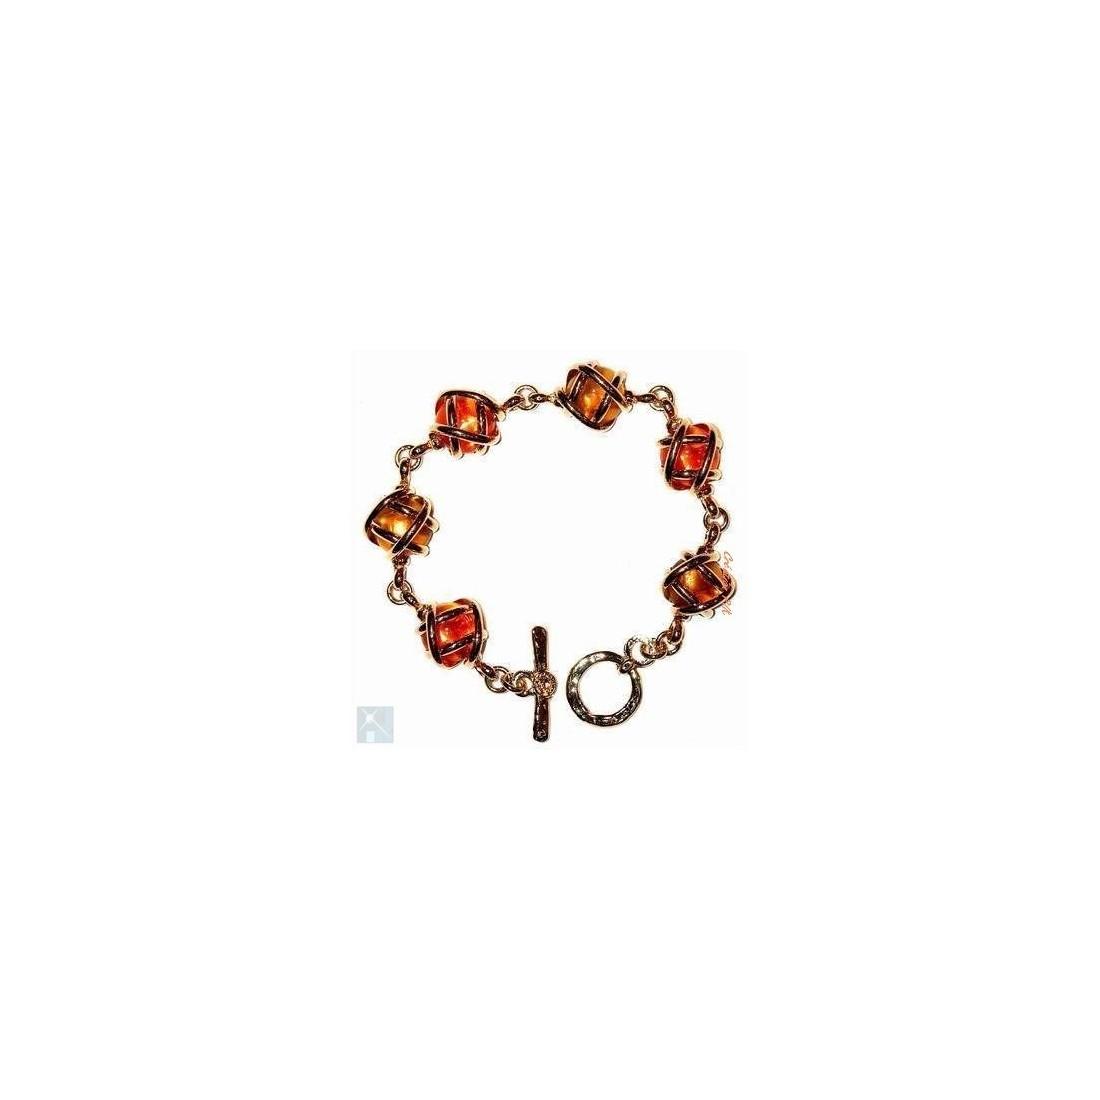 Bracelet souple orange et jaune topaze. Bijou issu d'artisanat d'art français.